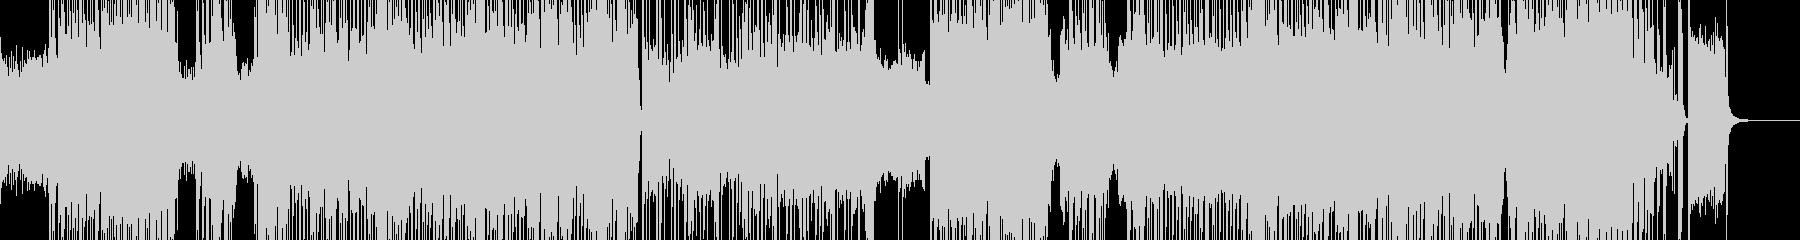 コミカルキュートなハロウィンロック Bの未再生の波形